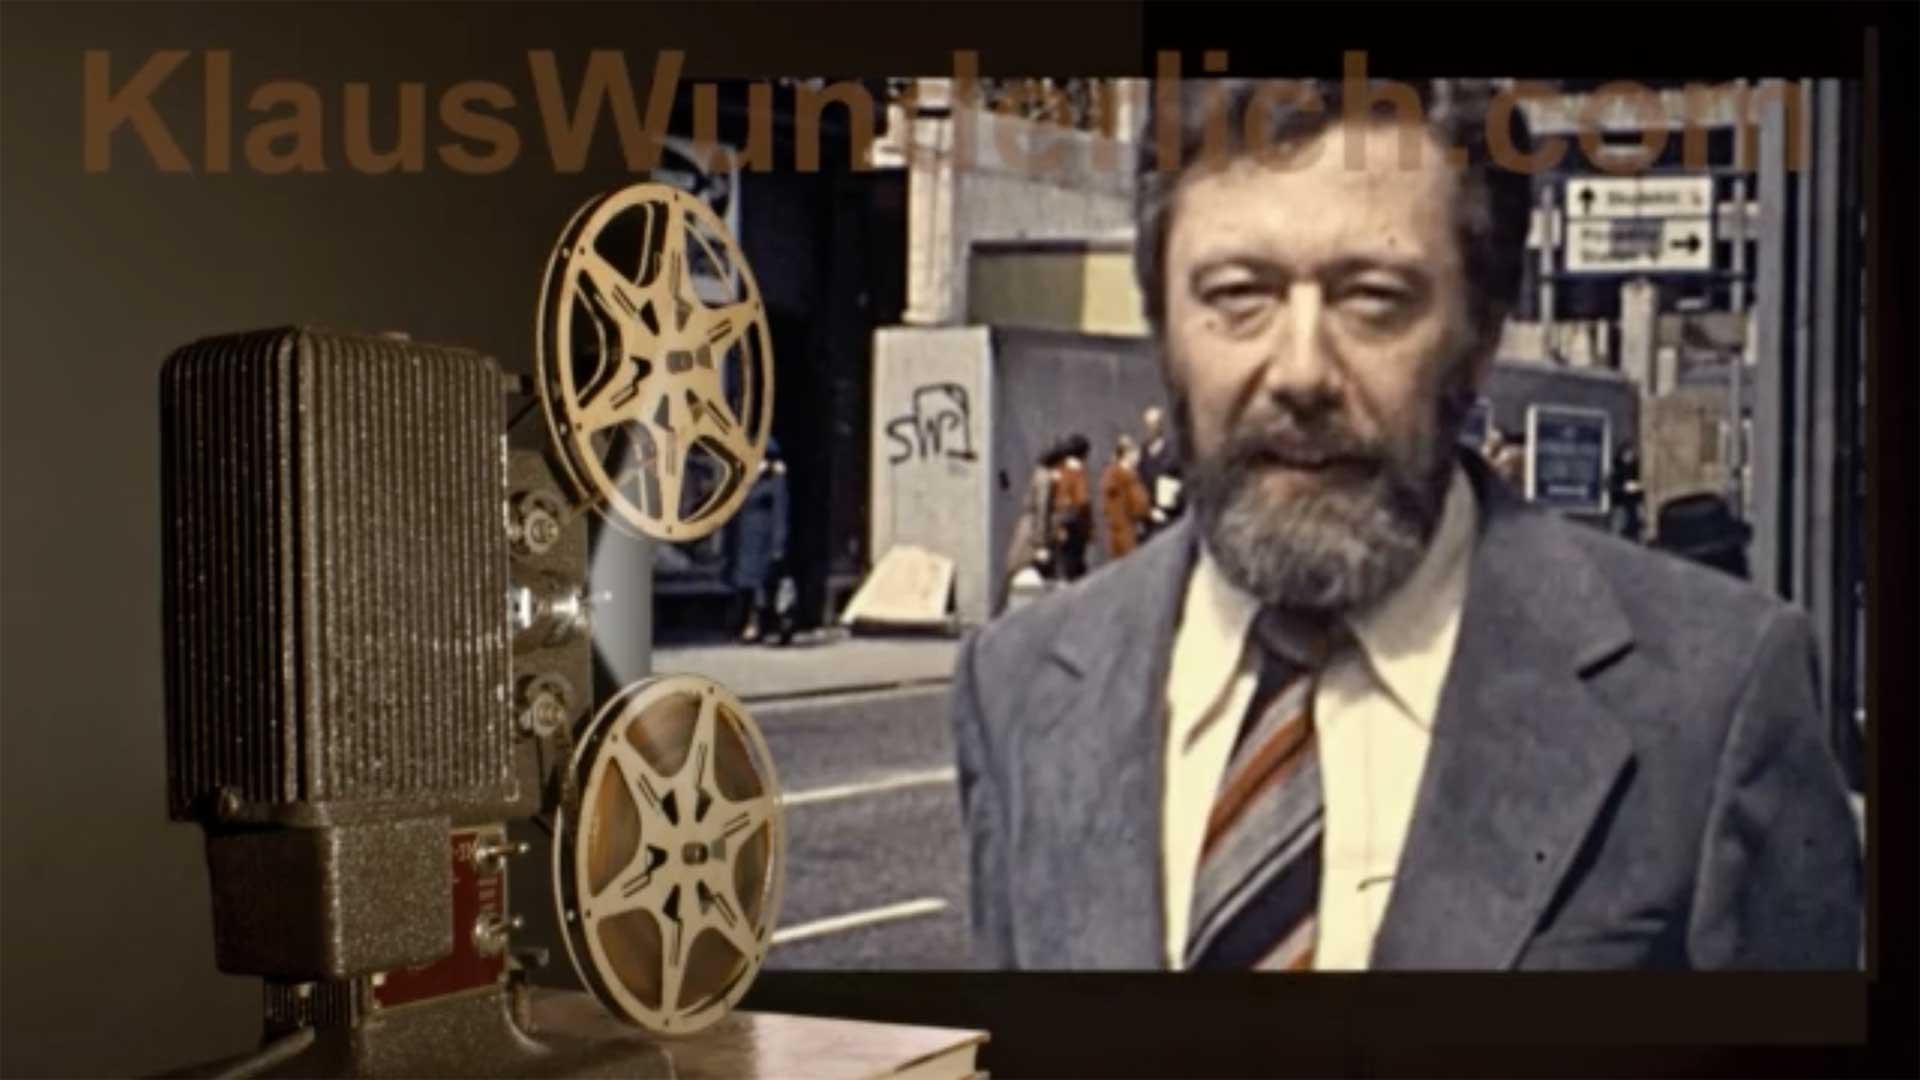 Klaus Wunderlich - Exclusive Footage